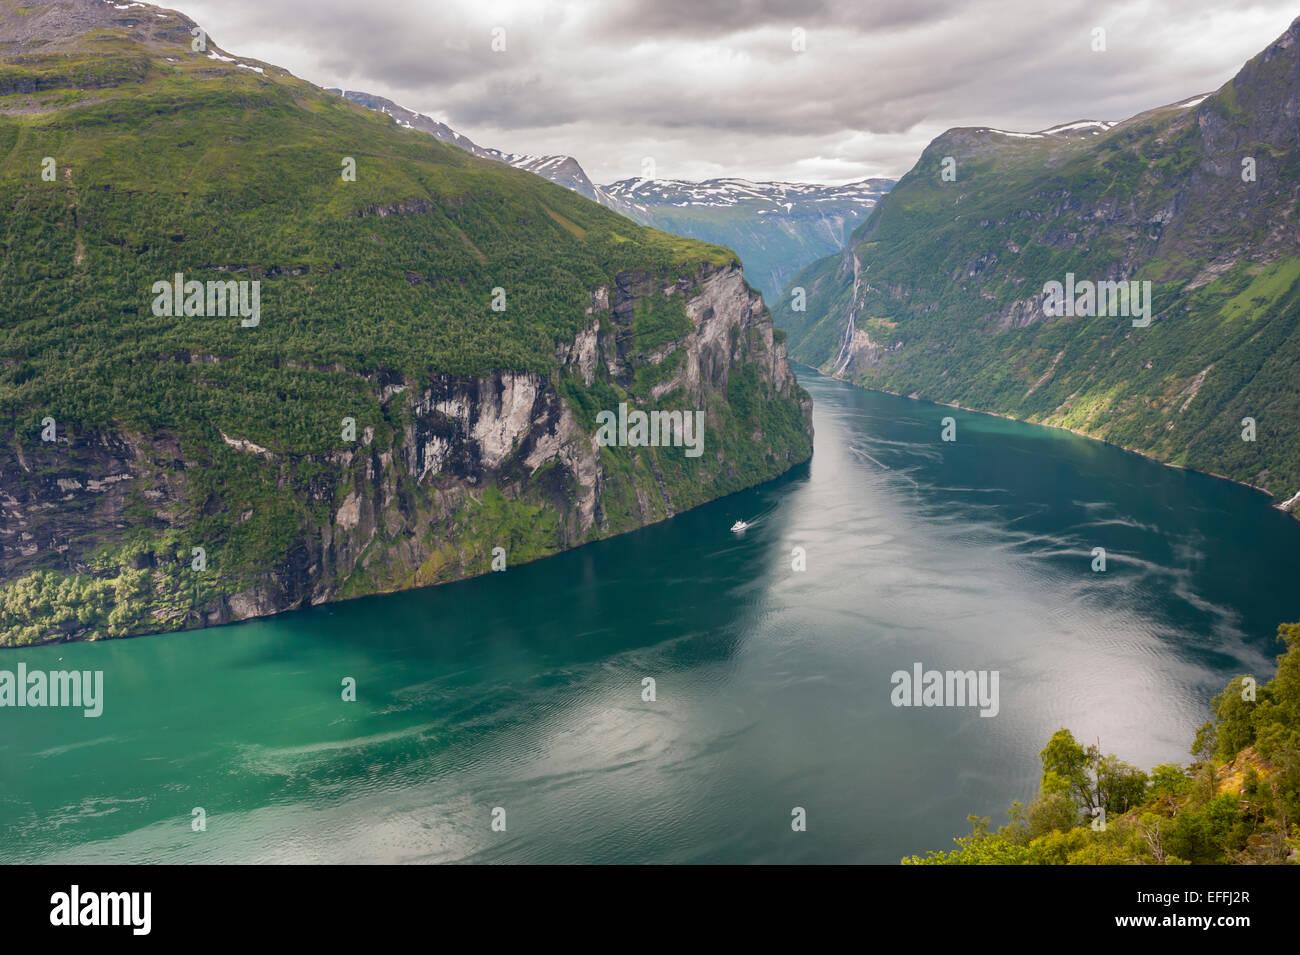 Norway, More og Romsdal, Sunmore, Geirangerfjord - Stock Image